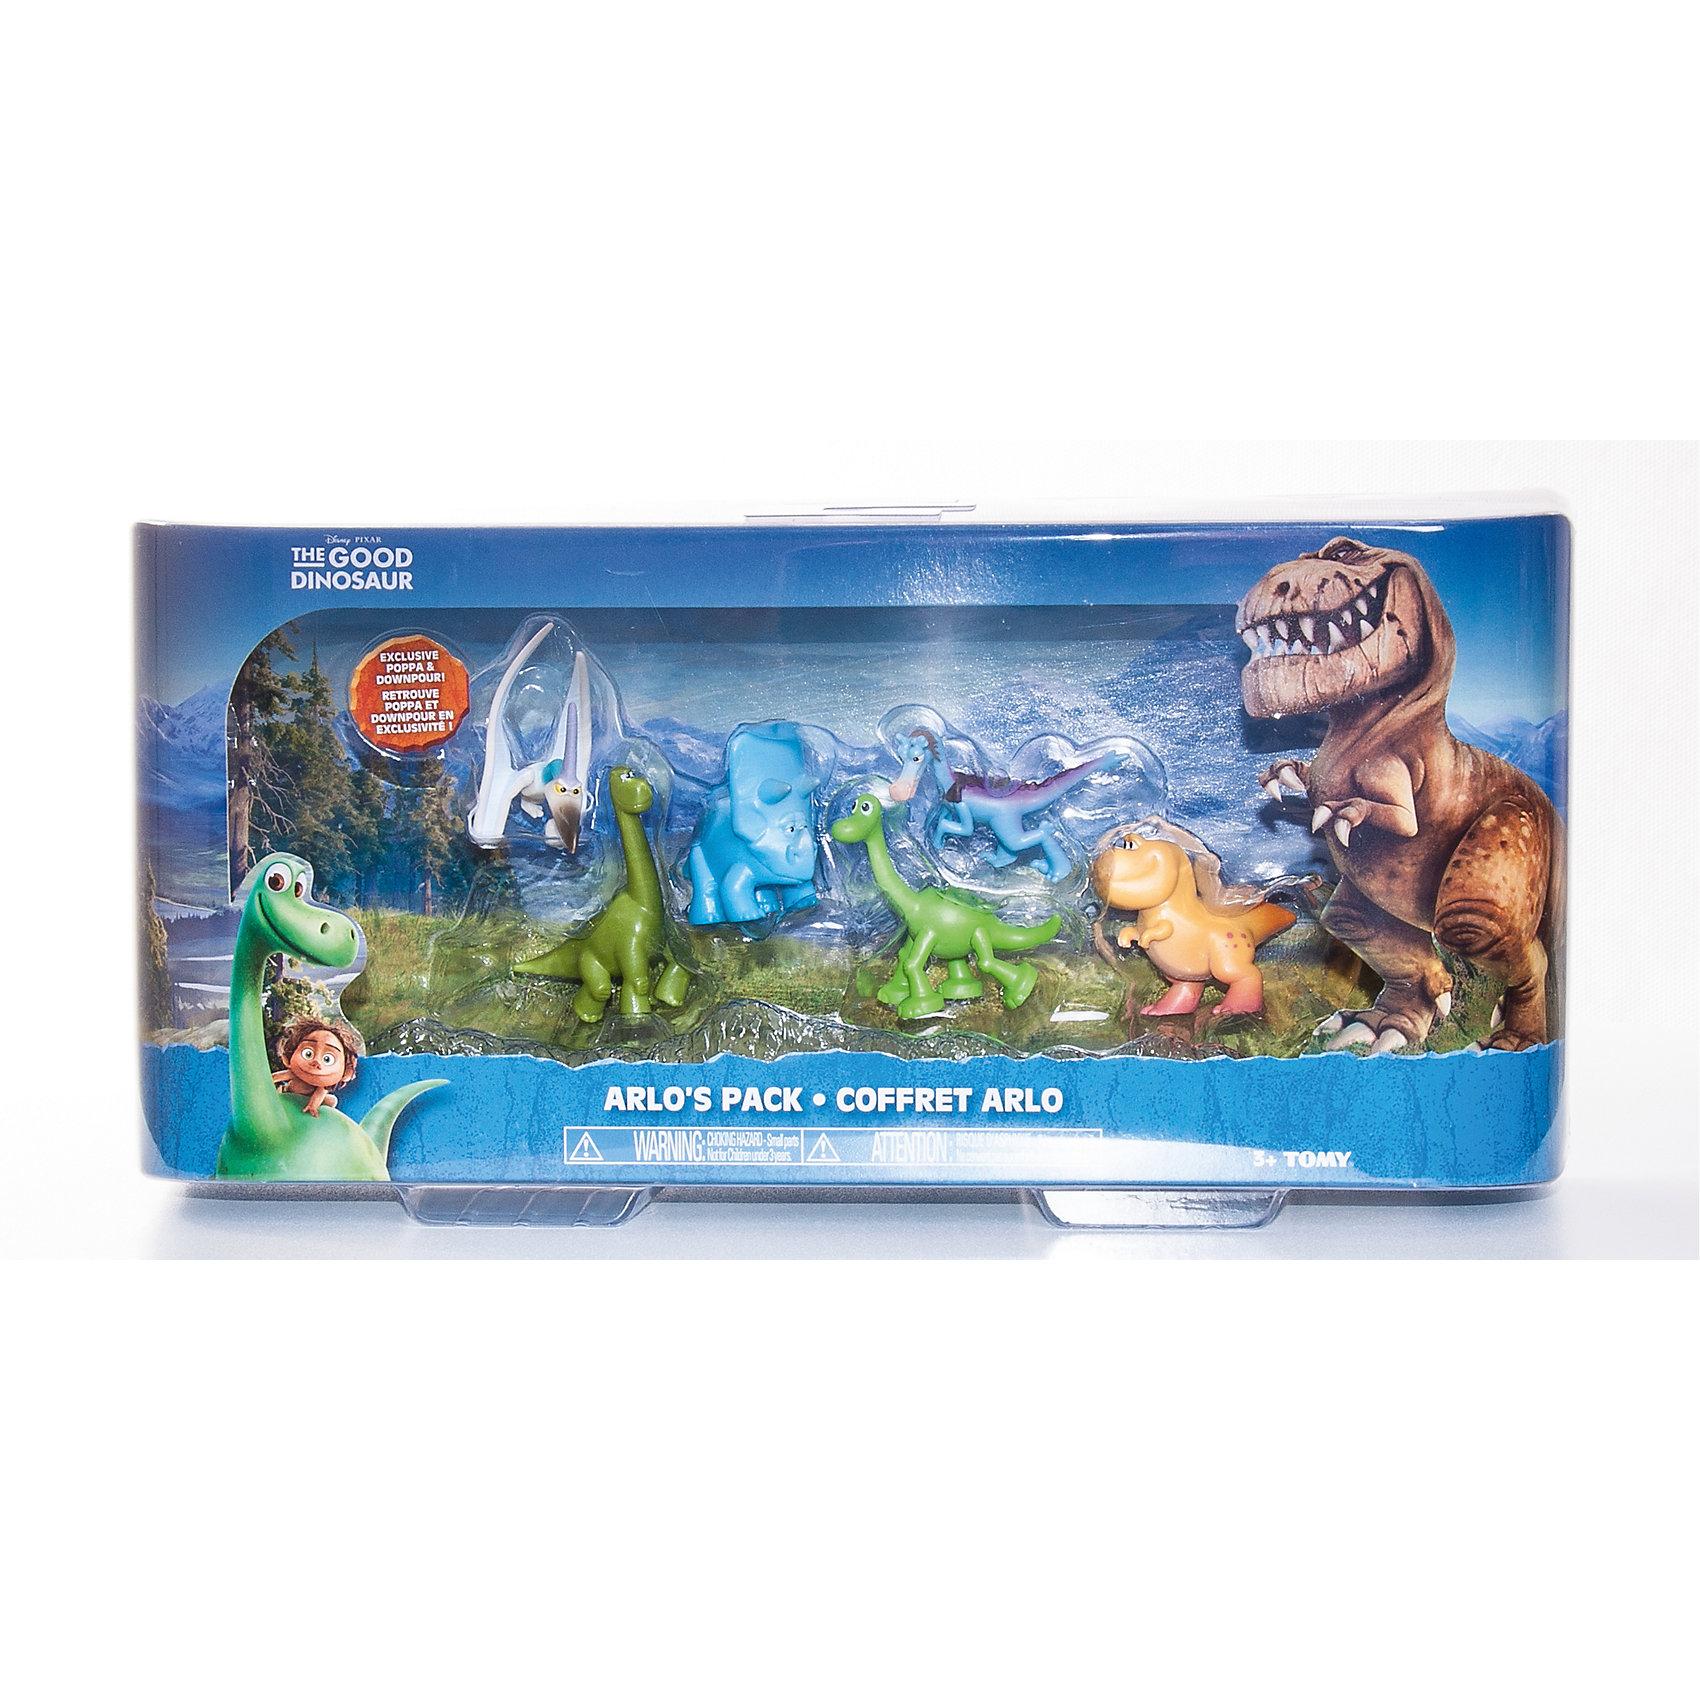 Набор из 6 мини-фигурок, Хороший динозаврНабор из 6 мини-фигурок, Хороший динозавр – это замечательные игровые фигурки, изображающие героев мультфильма Хороший динозавр.<br>Набор мини-фигурок Хороший динозавр без сомнения понравится вашему ребенку, ведь теперь он сможет пережить самые яркие моменты мультфильма с его героями или отправиться на новые приключения. В набор входят 6 фигурок героев мультика с подвижными частями тела: Поппа, Птеродактиль, Арло, Нэш, Раптор, Трицератопс. Фигурки изготовлены из высококачественных нетоксичных материалов, абсолютно безопасных для Вашего малыша. Ваш ребенок часами будет играть с фигурками, придумывая различные истории.<br><br>Дополнительная информация:<br><br>- В наборе: 6 мини-фигурок<br>- Средняя высота фигурки: 4 см.<br>- Материал: пластик<br>- Размер упаковки: 32 x 9 x 15,5 см.<br>- Вес: 288 гр.<br><br>Набор из 6 мини-фигурок, Хороший динозавр можно купить в нашем интернет-магазине.<br><br>Ширина мм: 320<br>Глубина мм: 155<br>Высота мм: 90<br>Вес г: 288<br>Возраст от месяцев: 36<br>Возраст до месяцев: 84<br>Пол: Унисекс<br>Возраст: Детский<br>SKU: 4401535